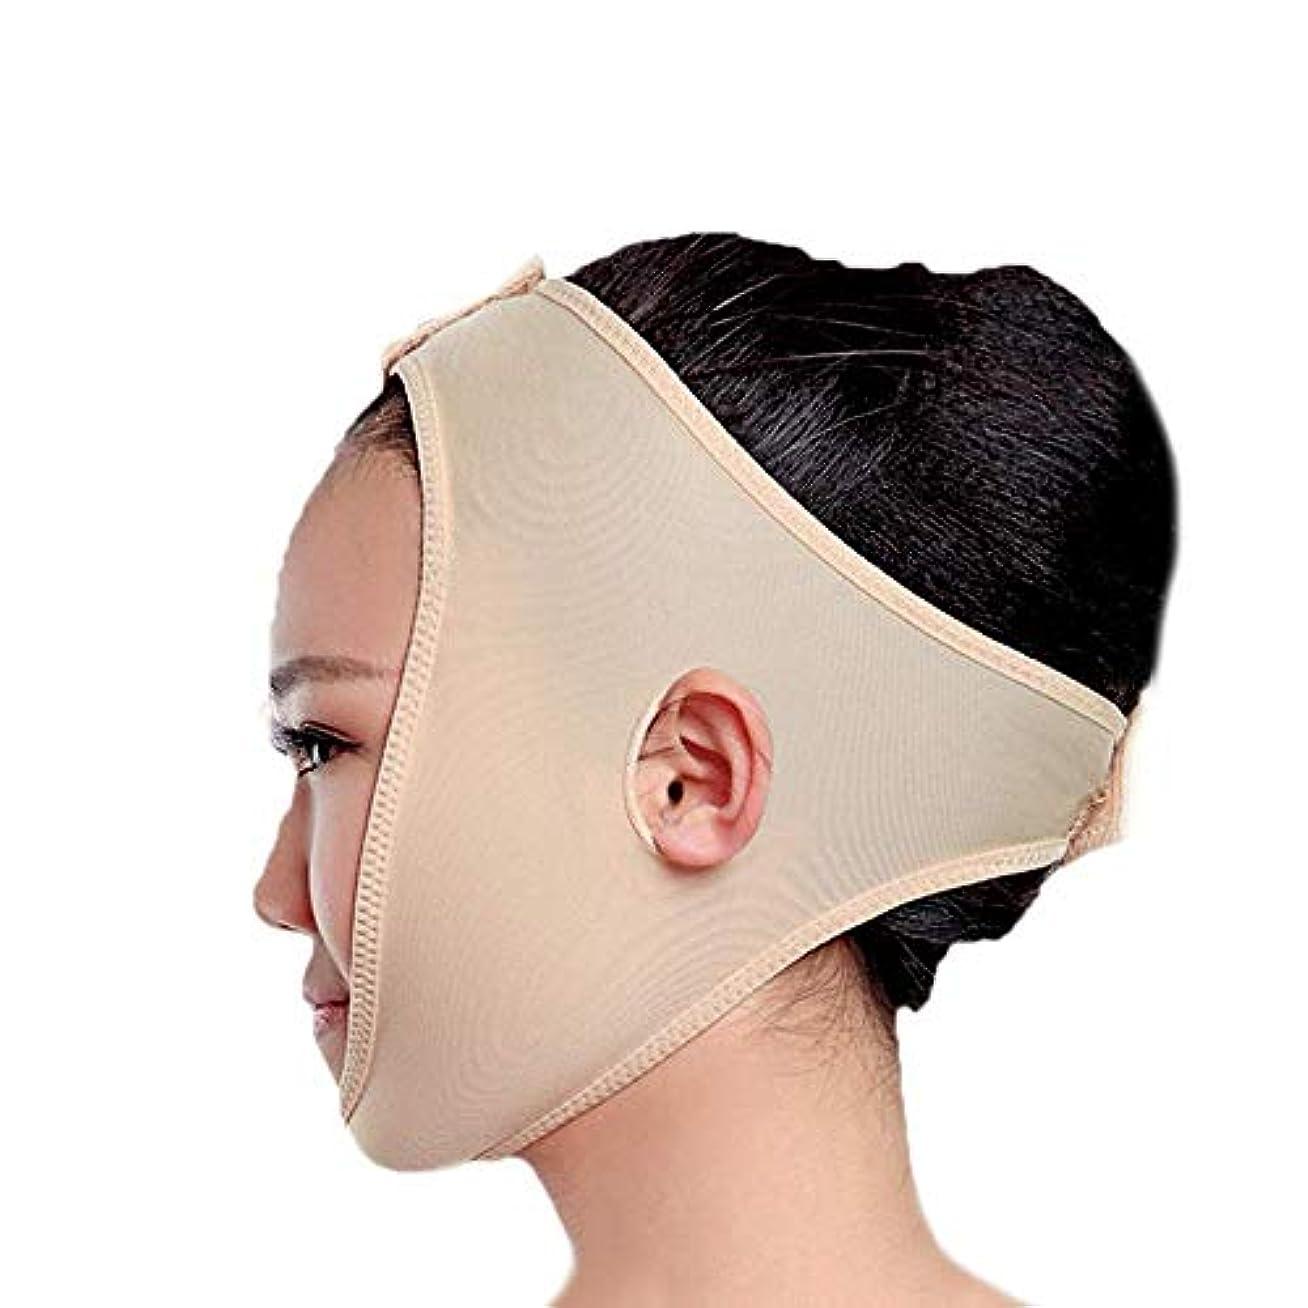 魚包帯スキップフェイススリミングマスク、快適さと通気性、フェイシャルリフティング、輪郭の改善された硬さ、ファーミングとリフティングフェイス(カラー:ブラック、サイズ:XL),黄色がかったピンク2、S